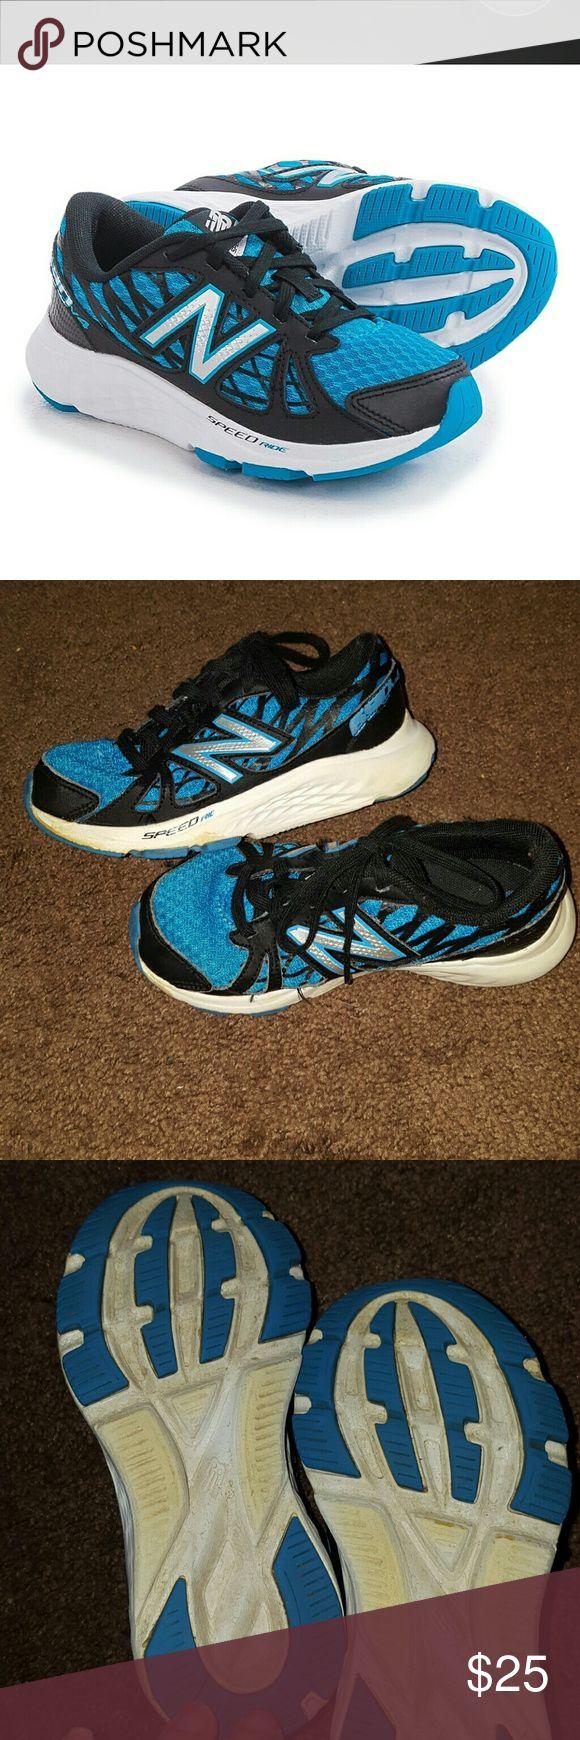 New Balance 690v4 Unisex Kids shoes